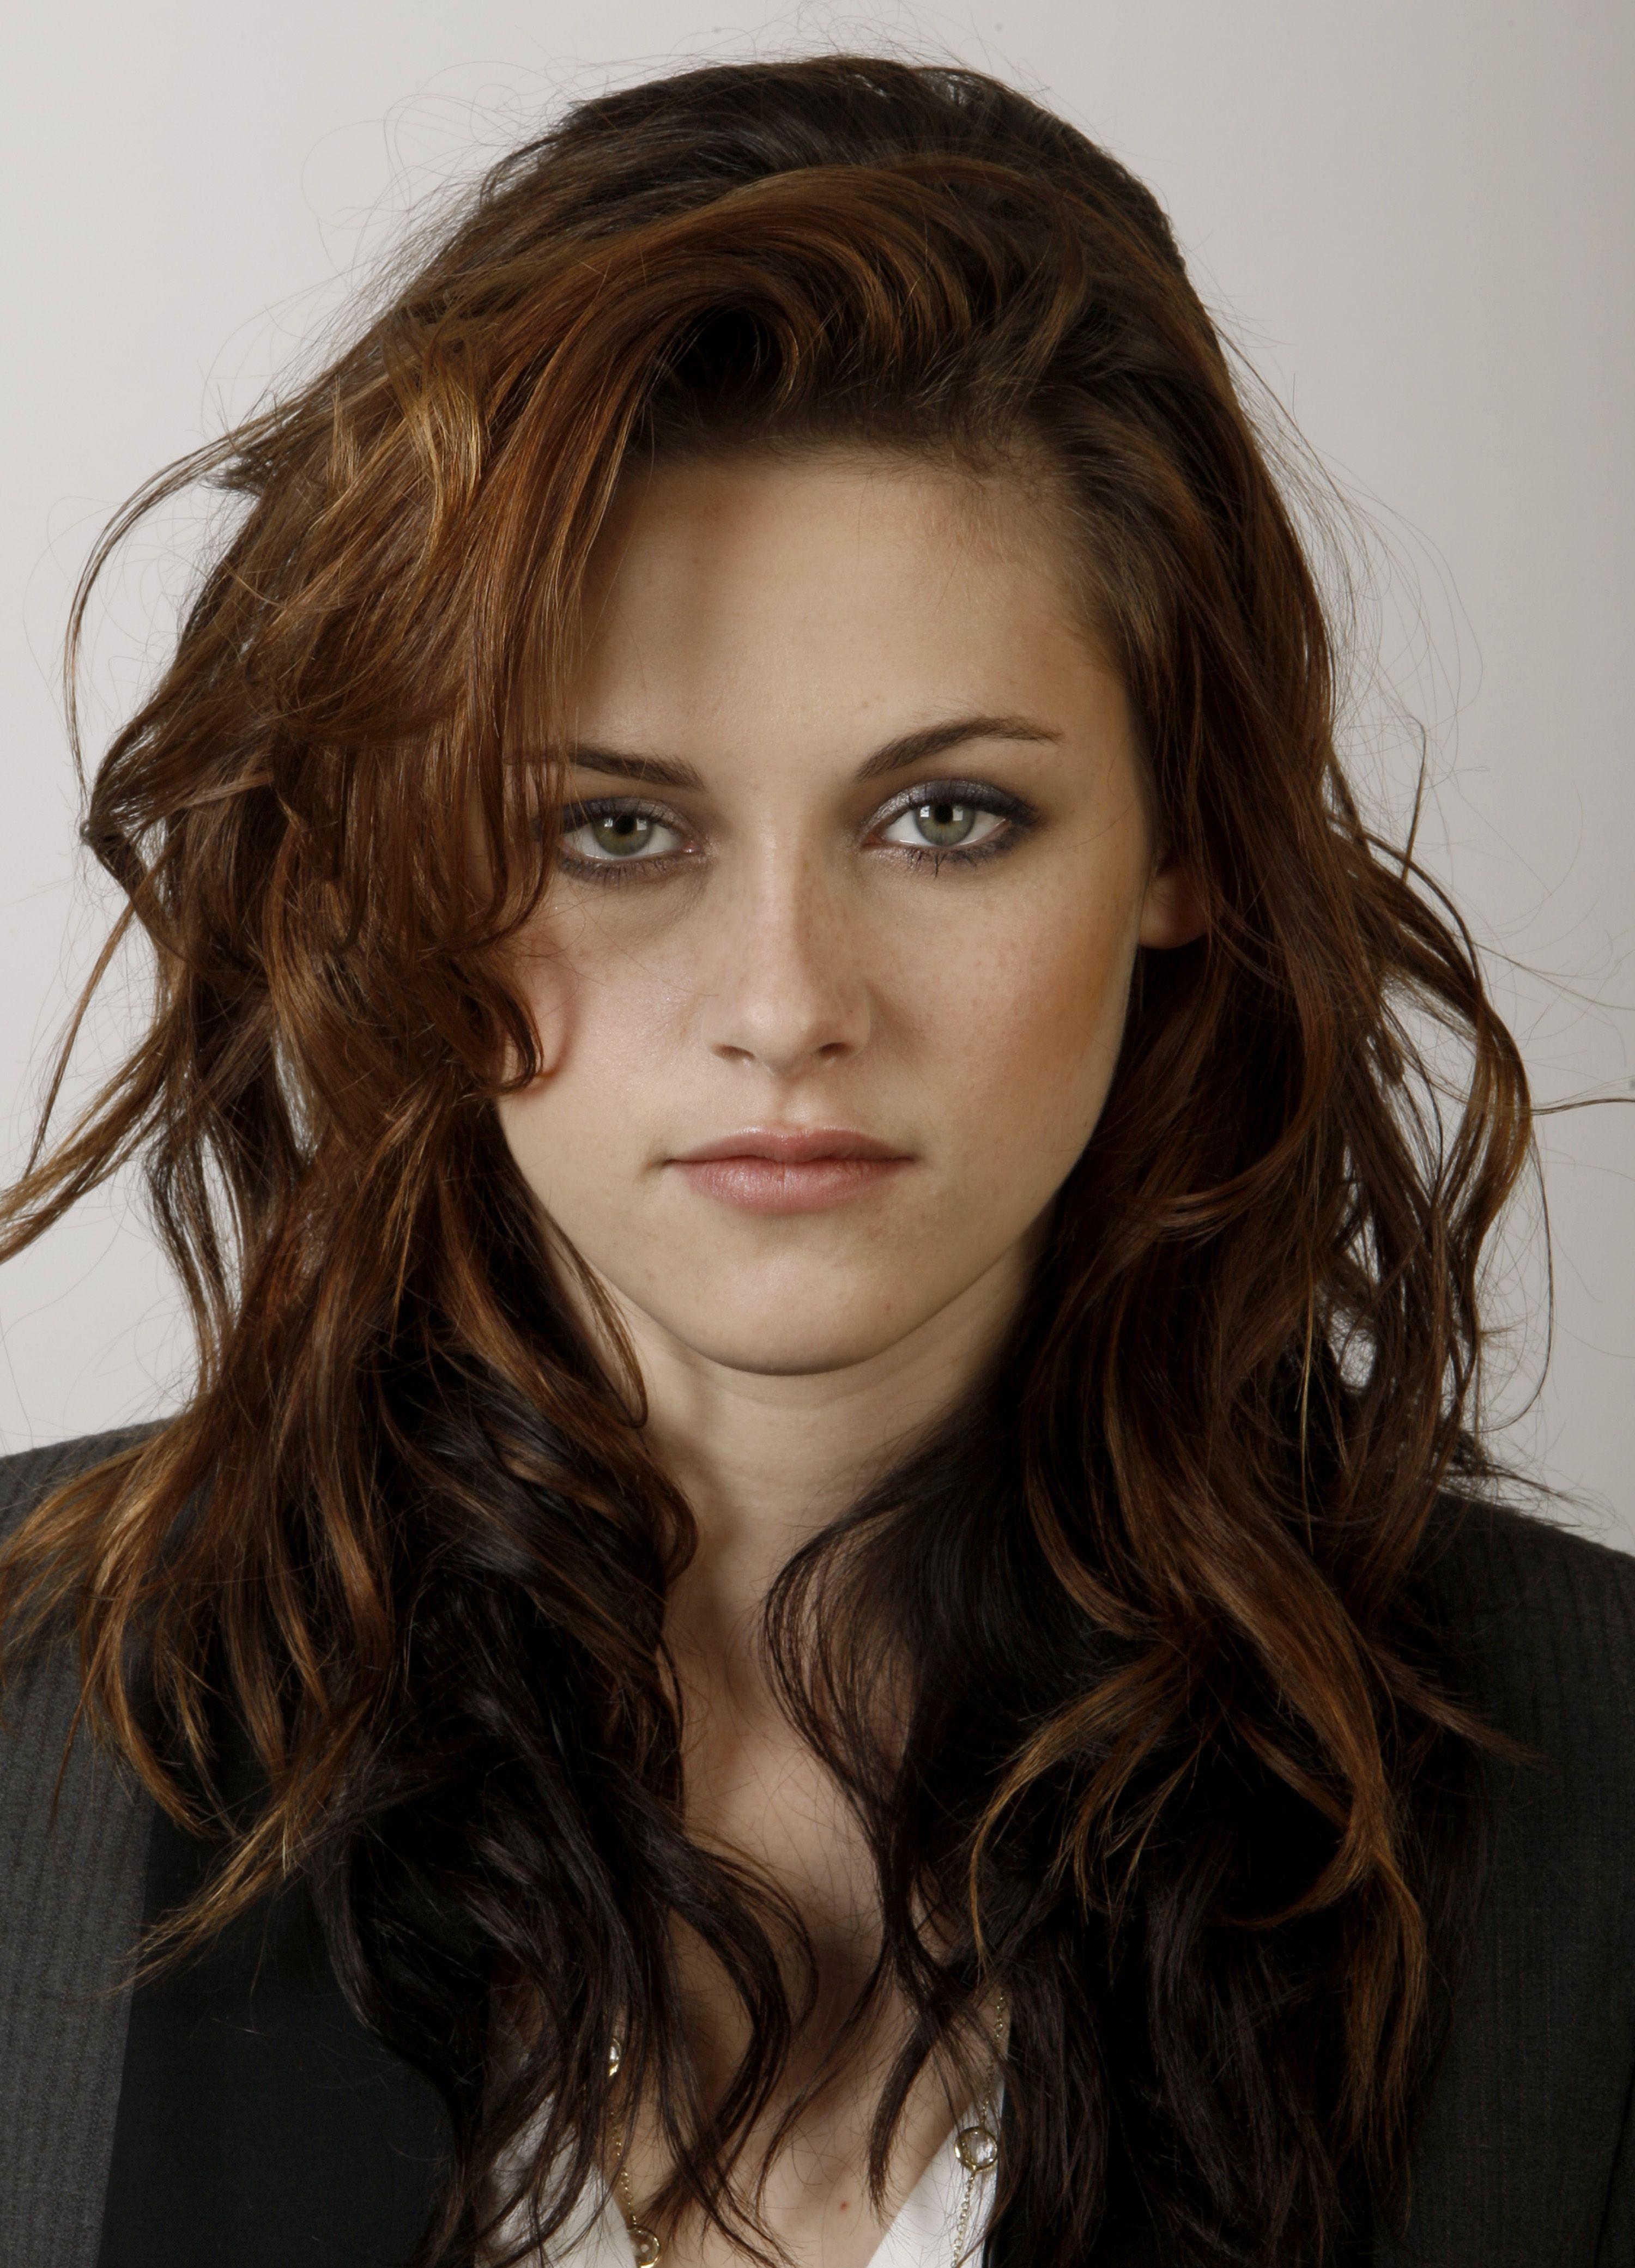 Após o escândalo, as coisas parecem não estar indo bem para Kristen ...